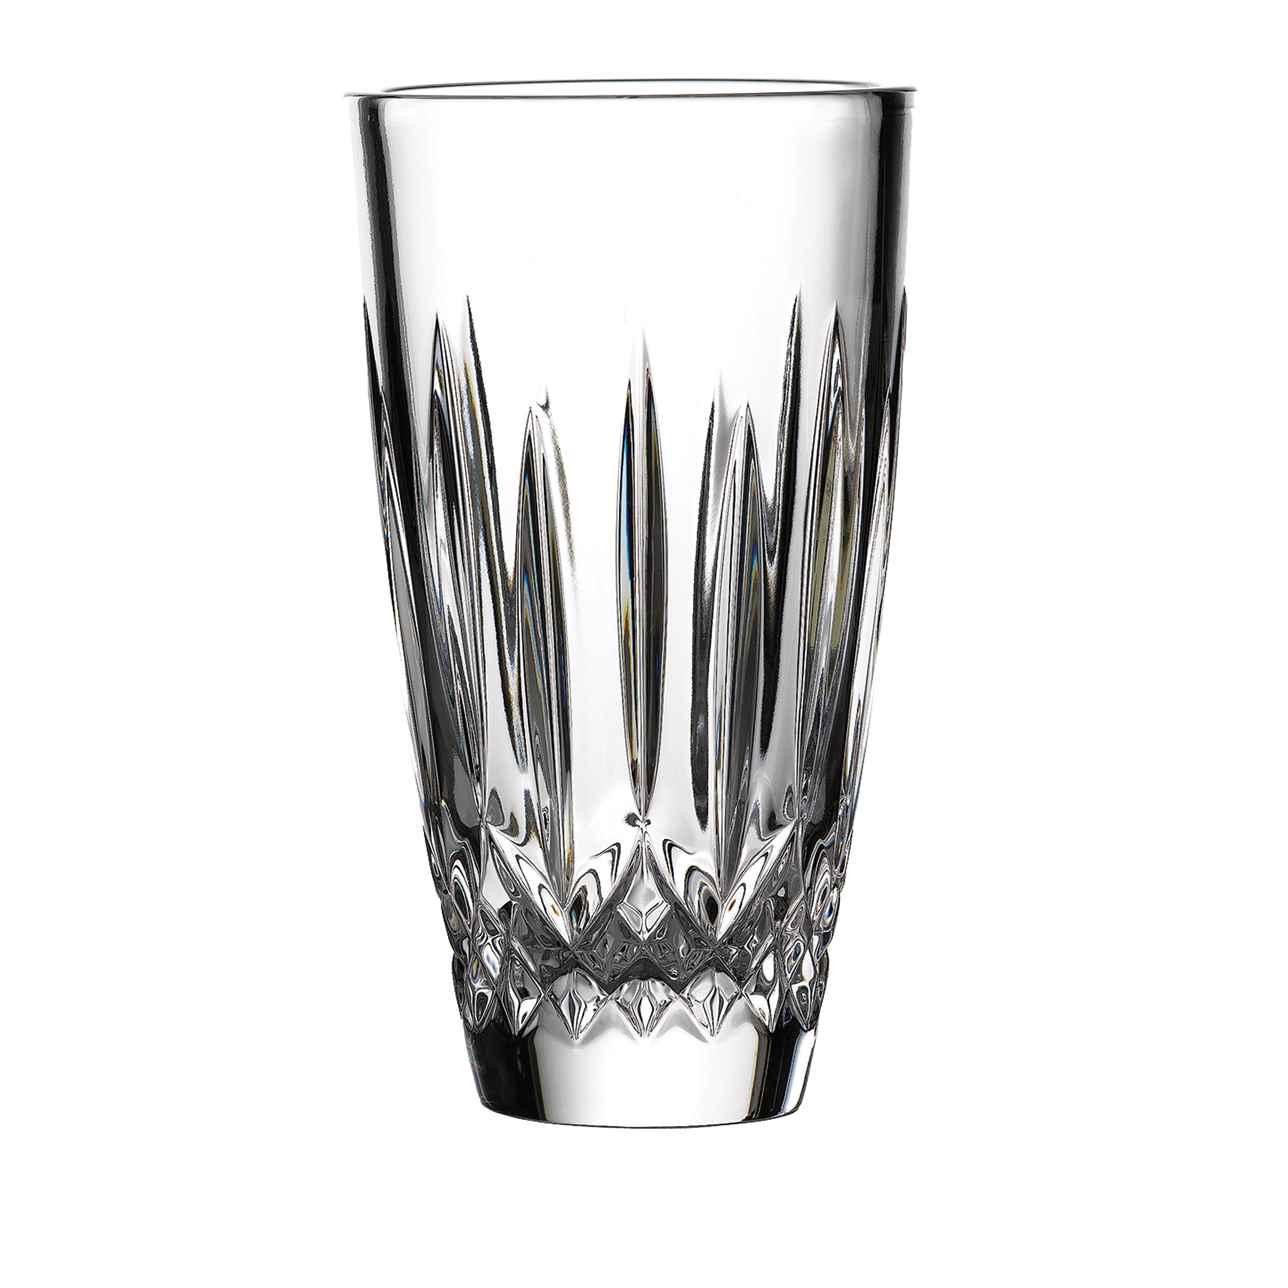 Lismore 18cm Vase